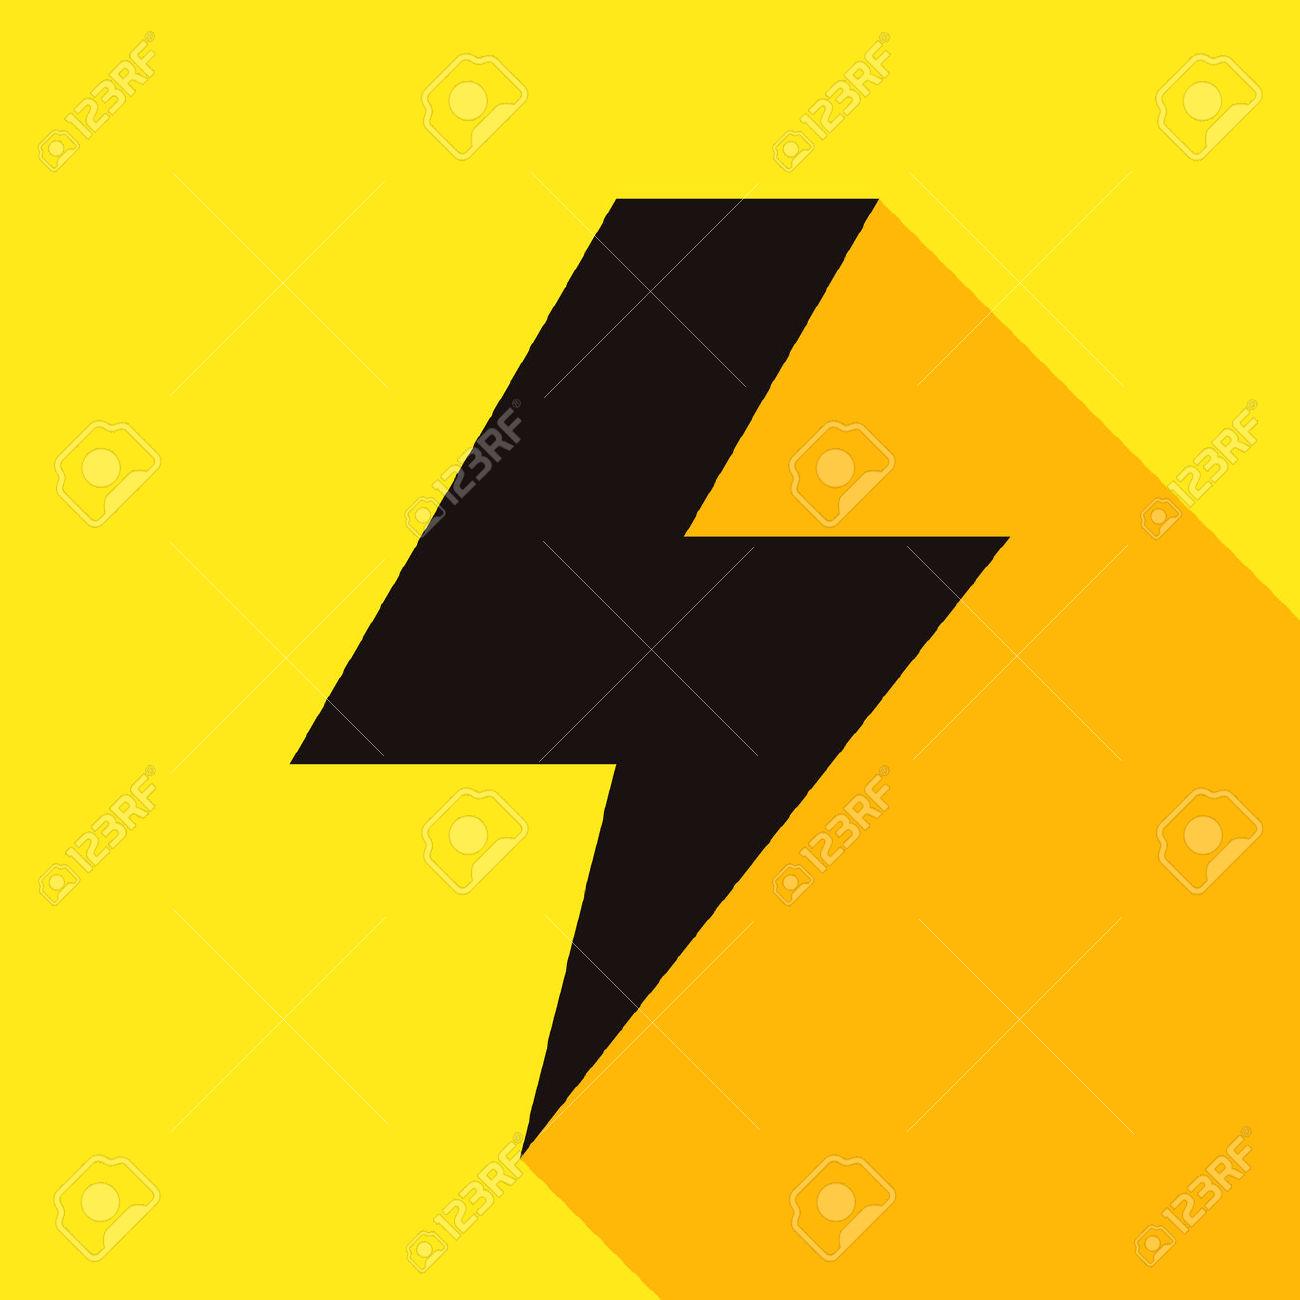 Lighting Bolt Symbol